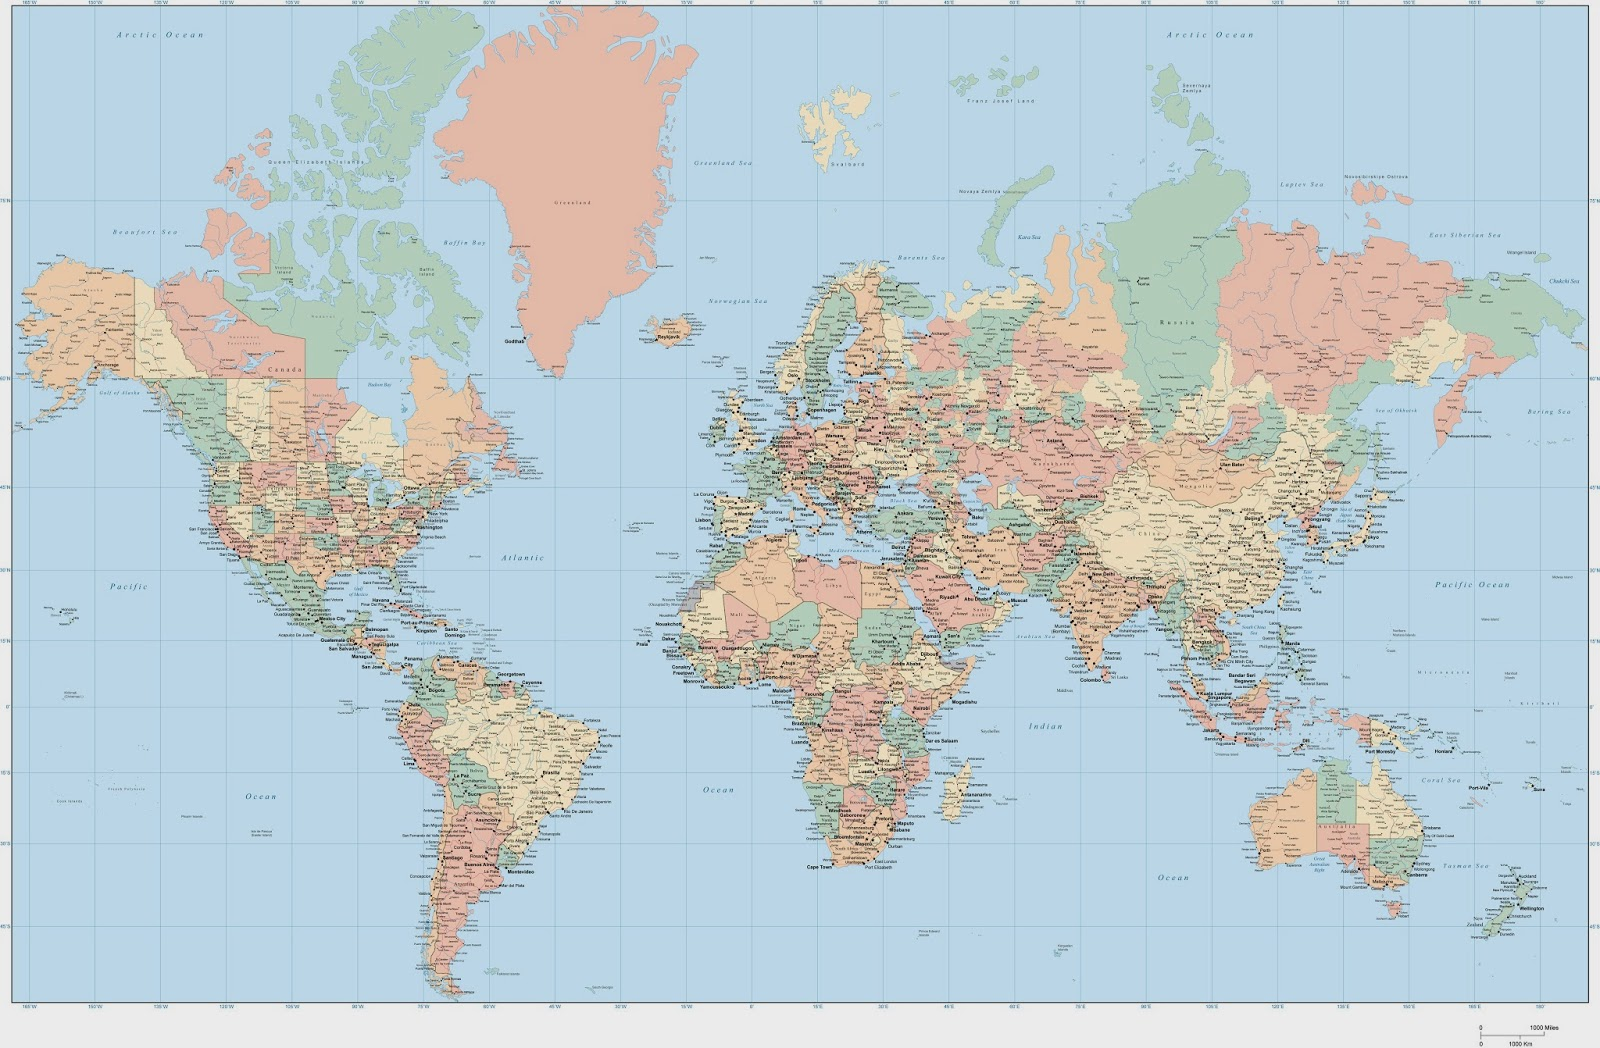 satelitska mapa sveta Splošna razgledanost satelitska mapa sveta